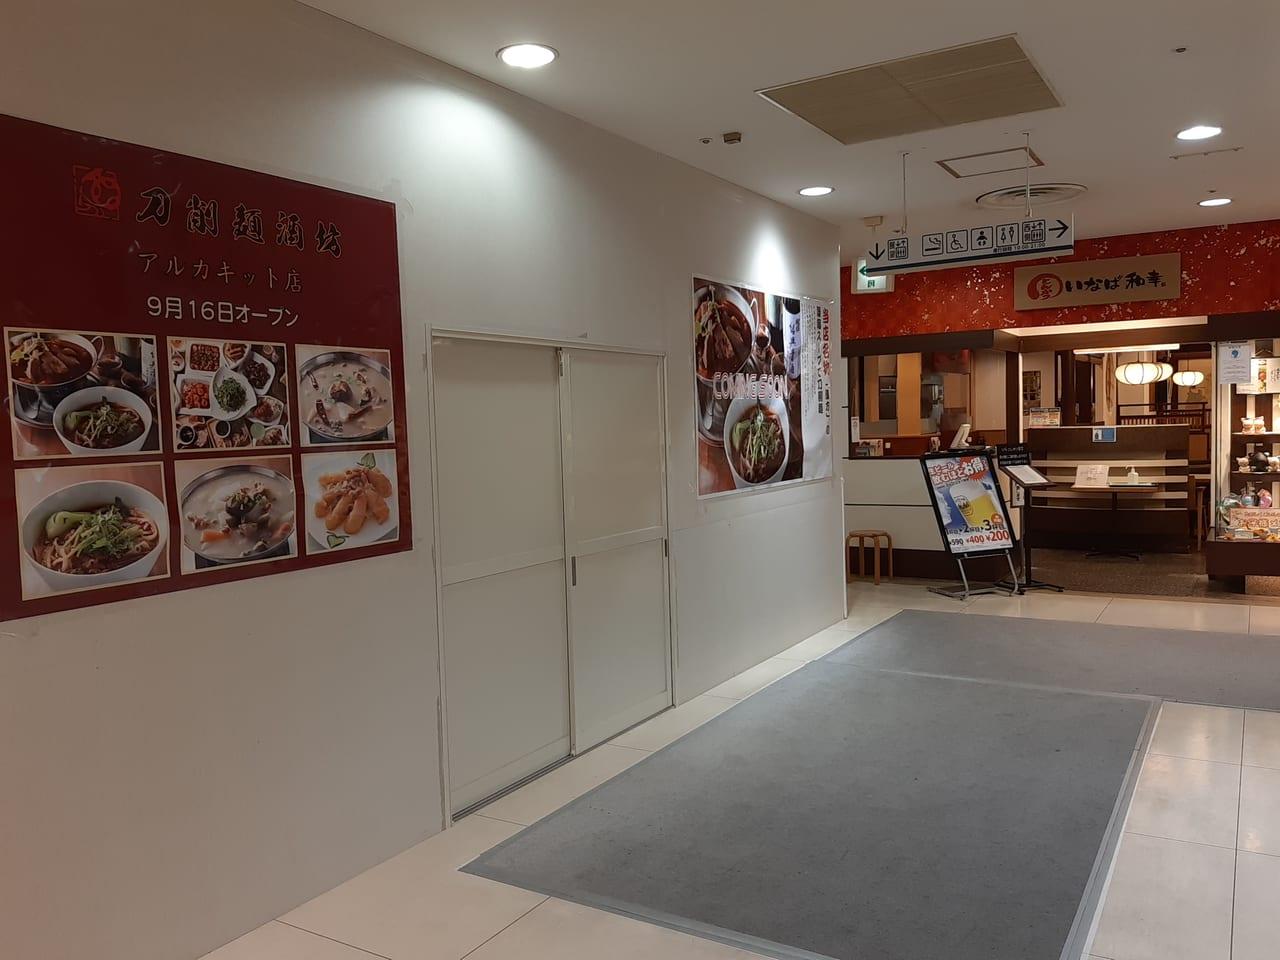 アルカキット刀削麺